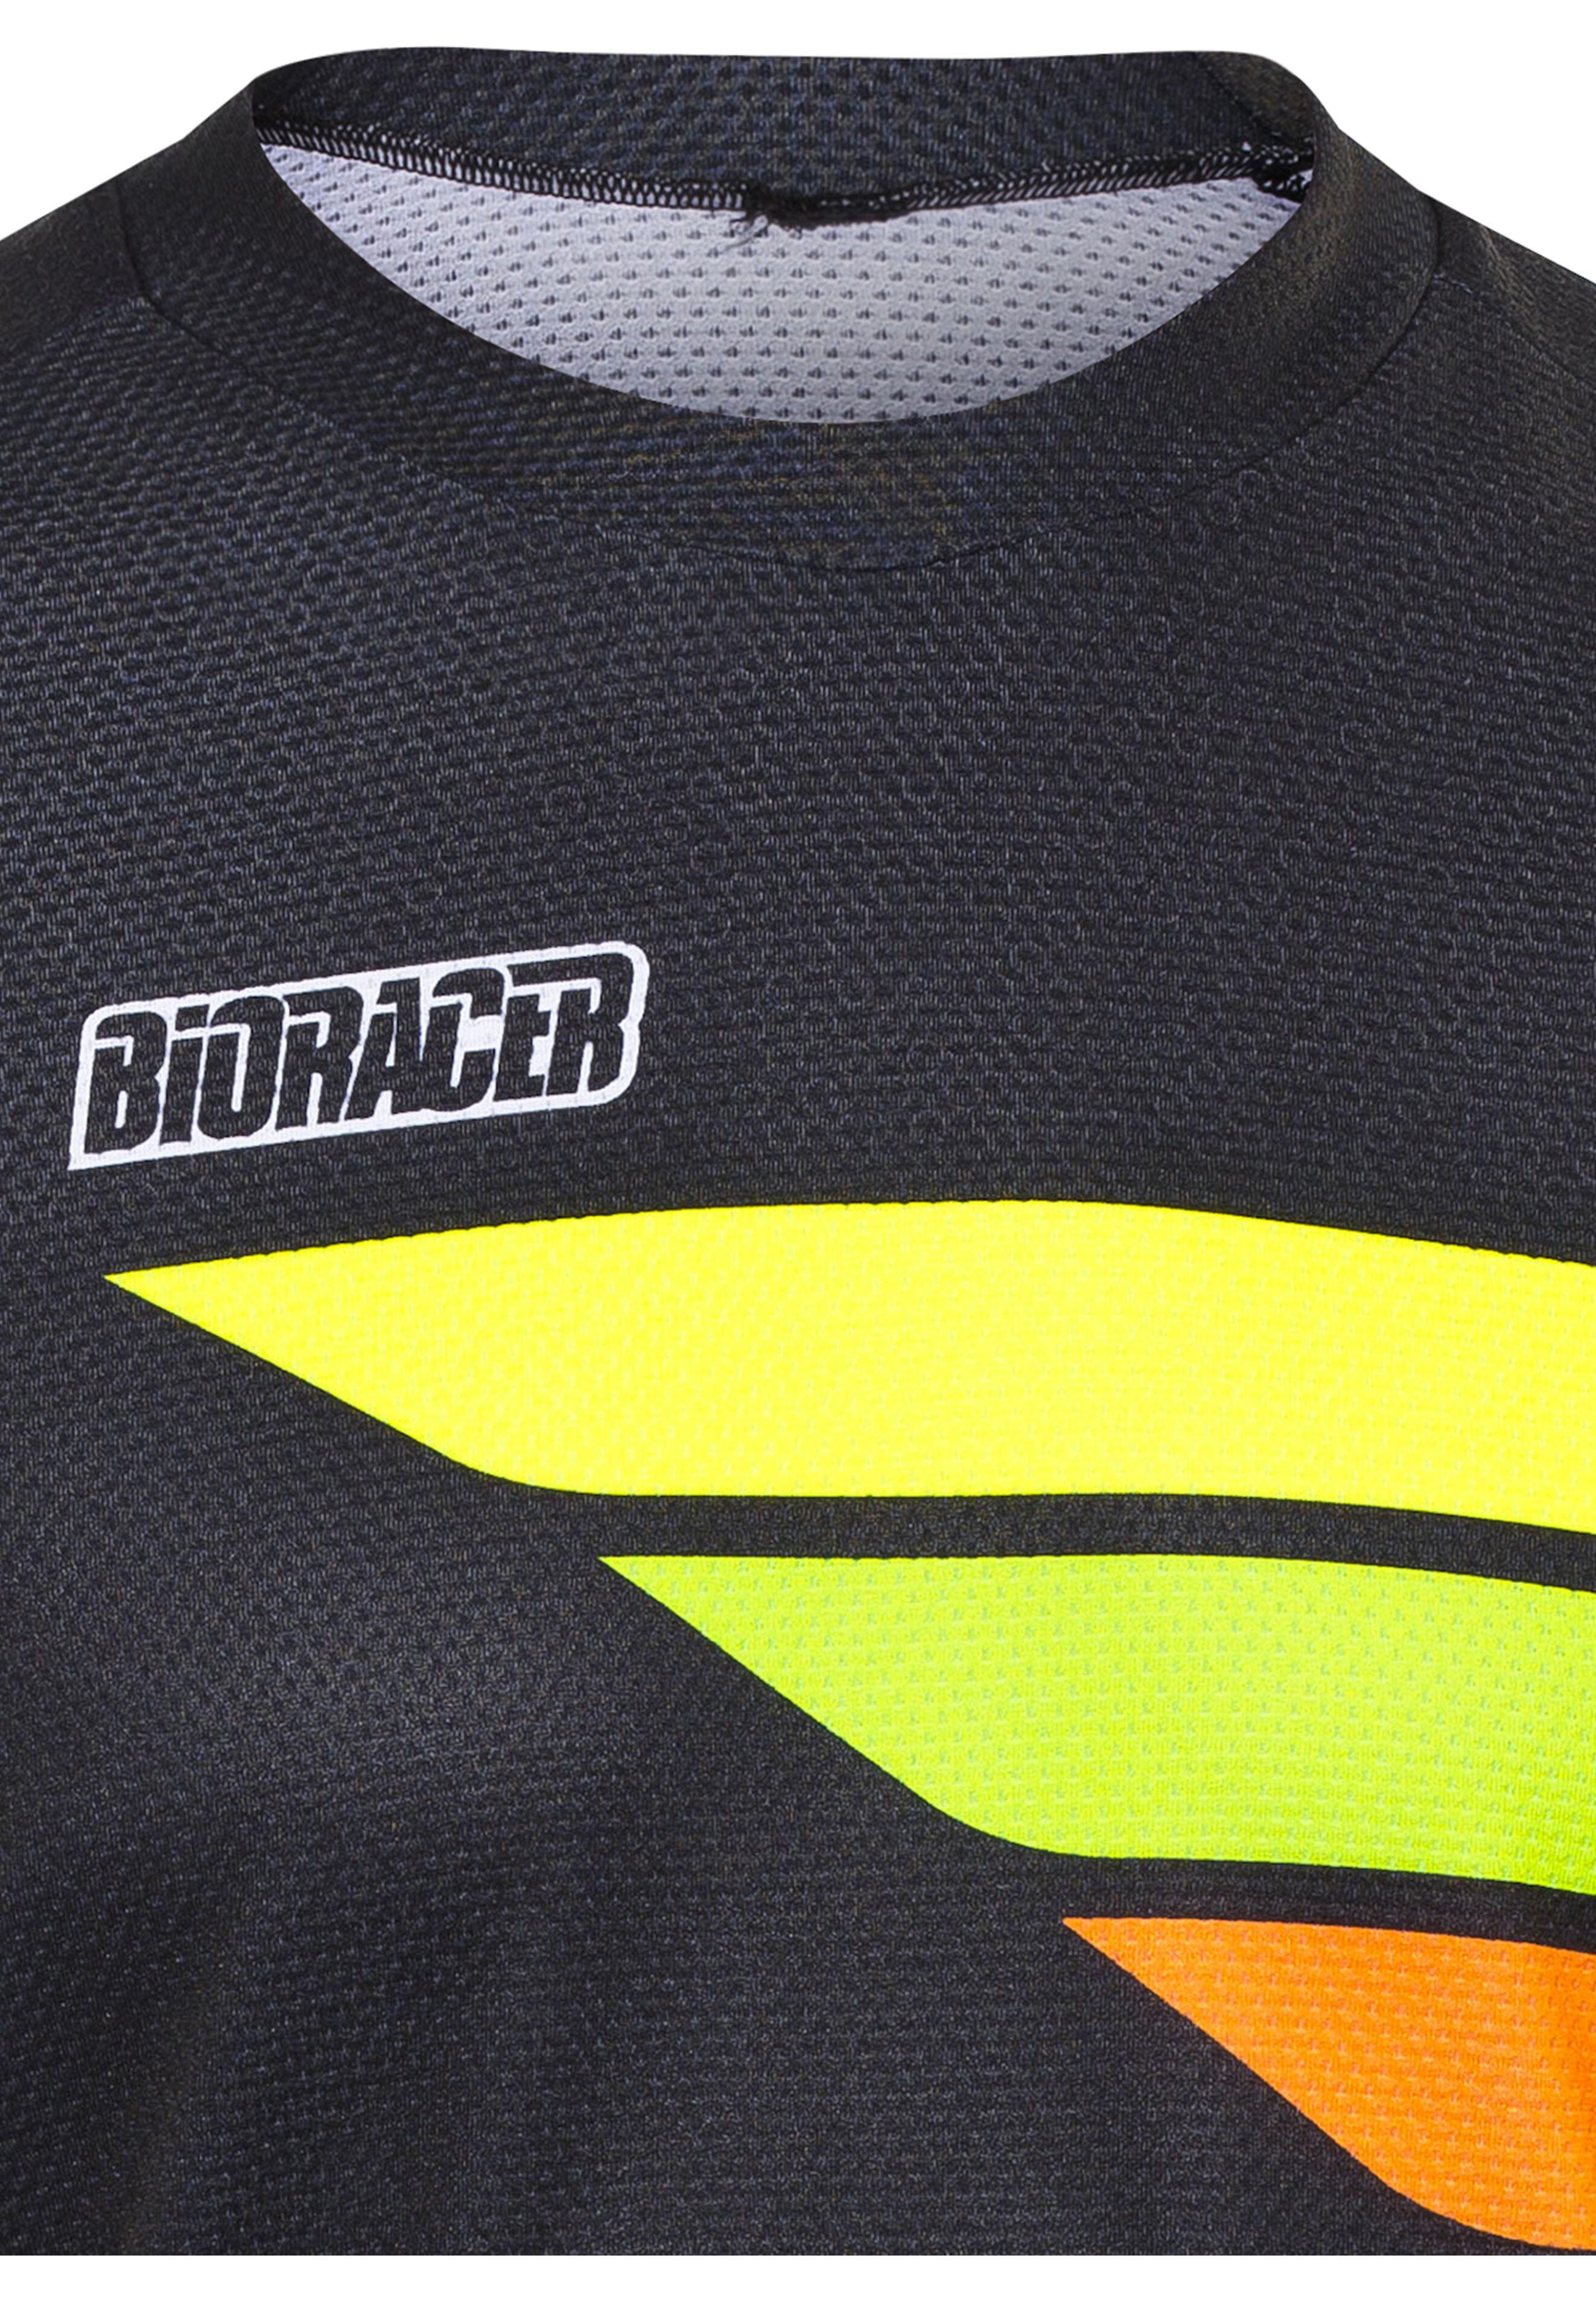 895cd297b Bioracer Enduro Bike Jersey Shortsleeve Men black at Bikester.co.uk